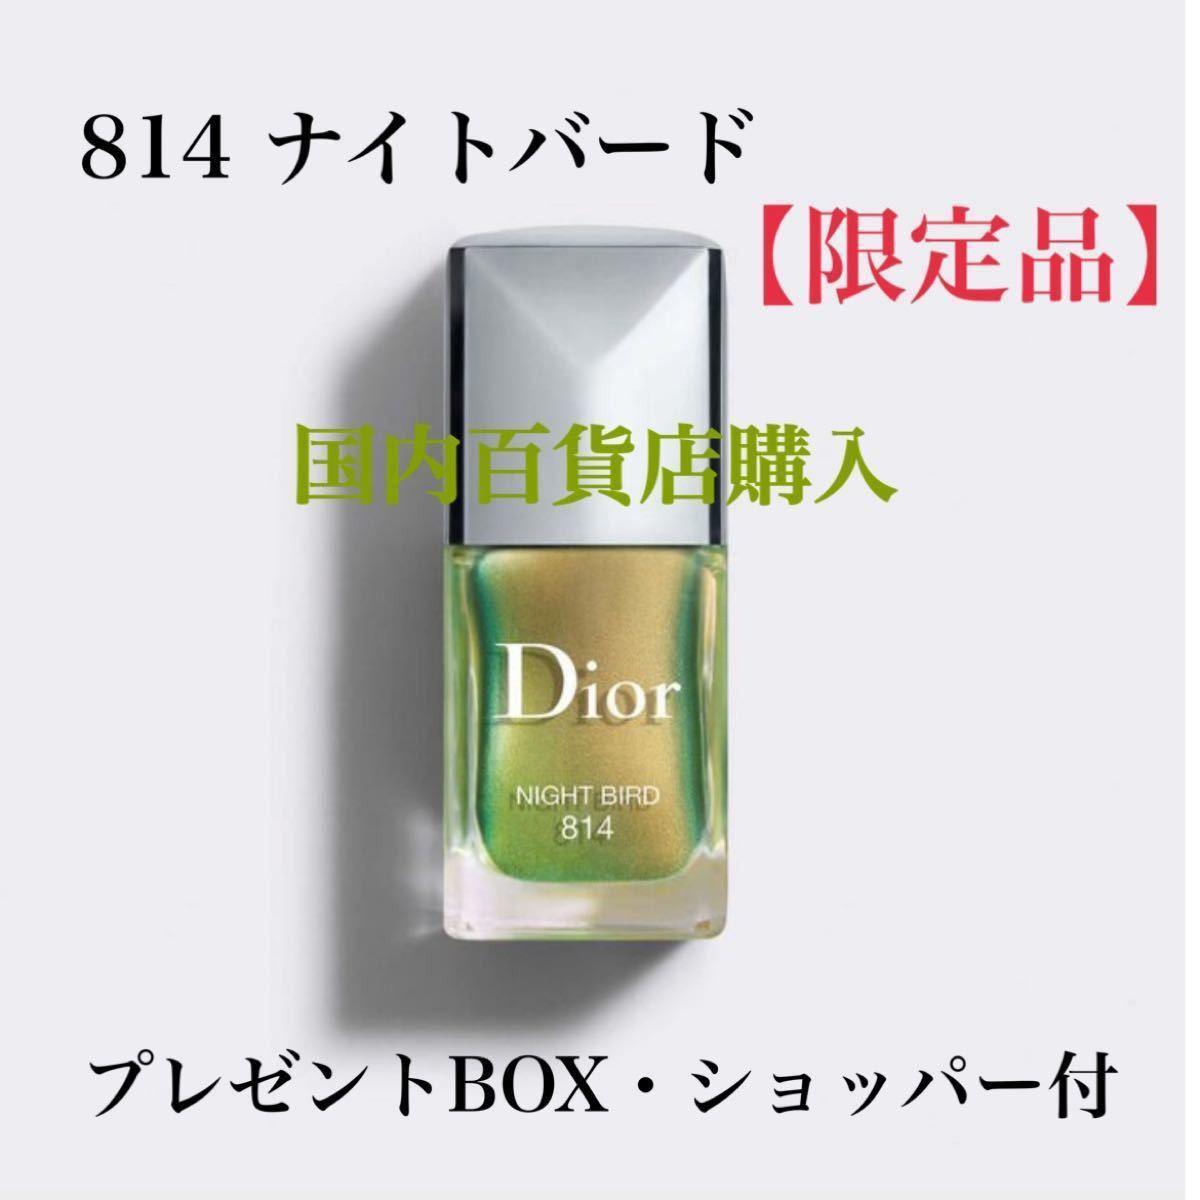 ディオール ヴェルニ ネイル 814 ナイトバード 限定品 プレゼントBOX・ショッパー付 新品未使用